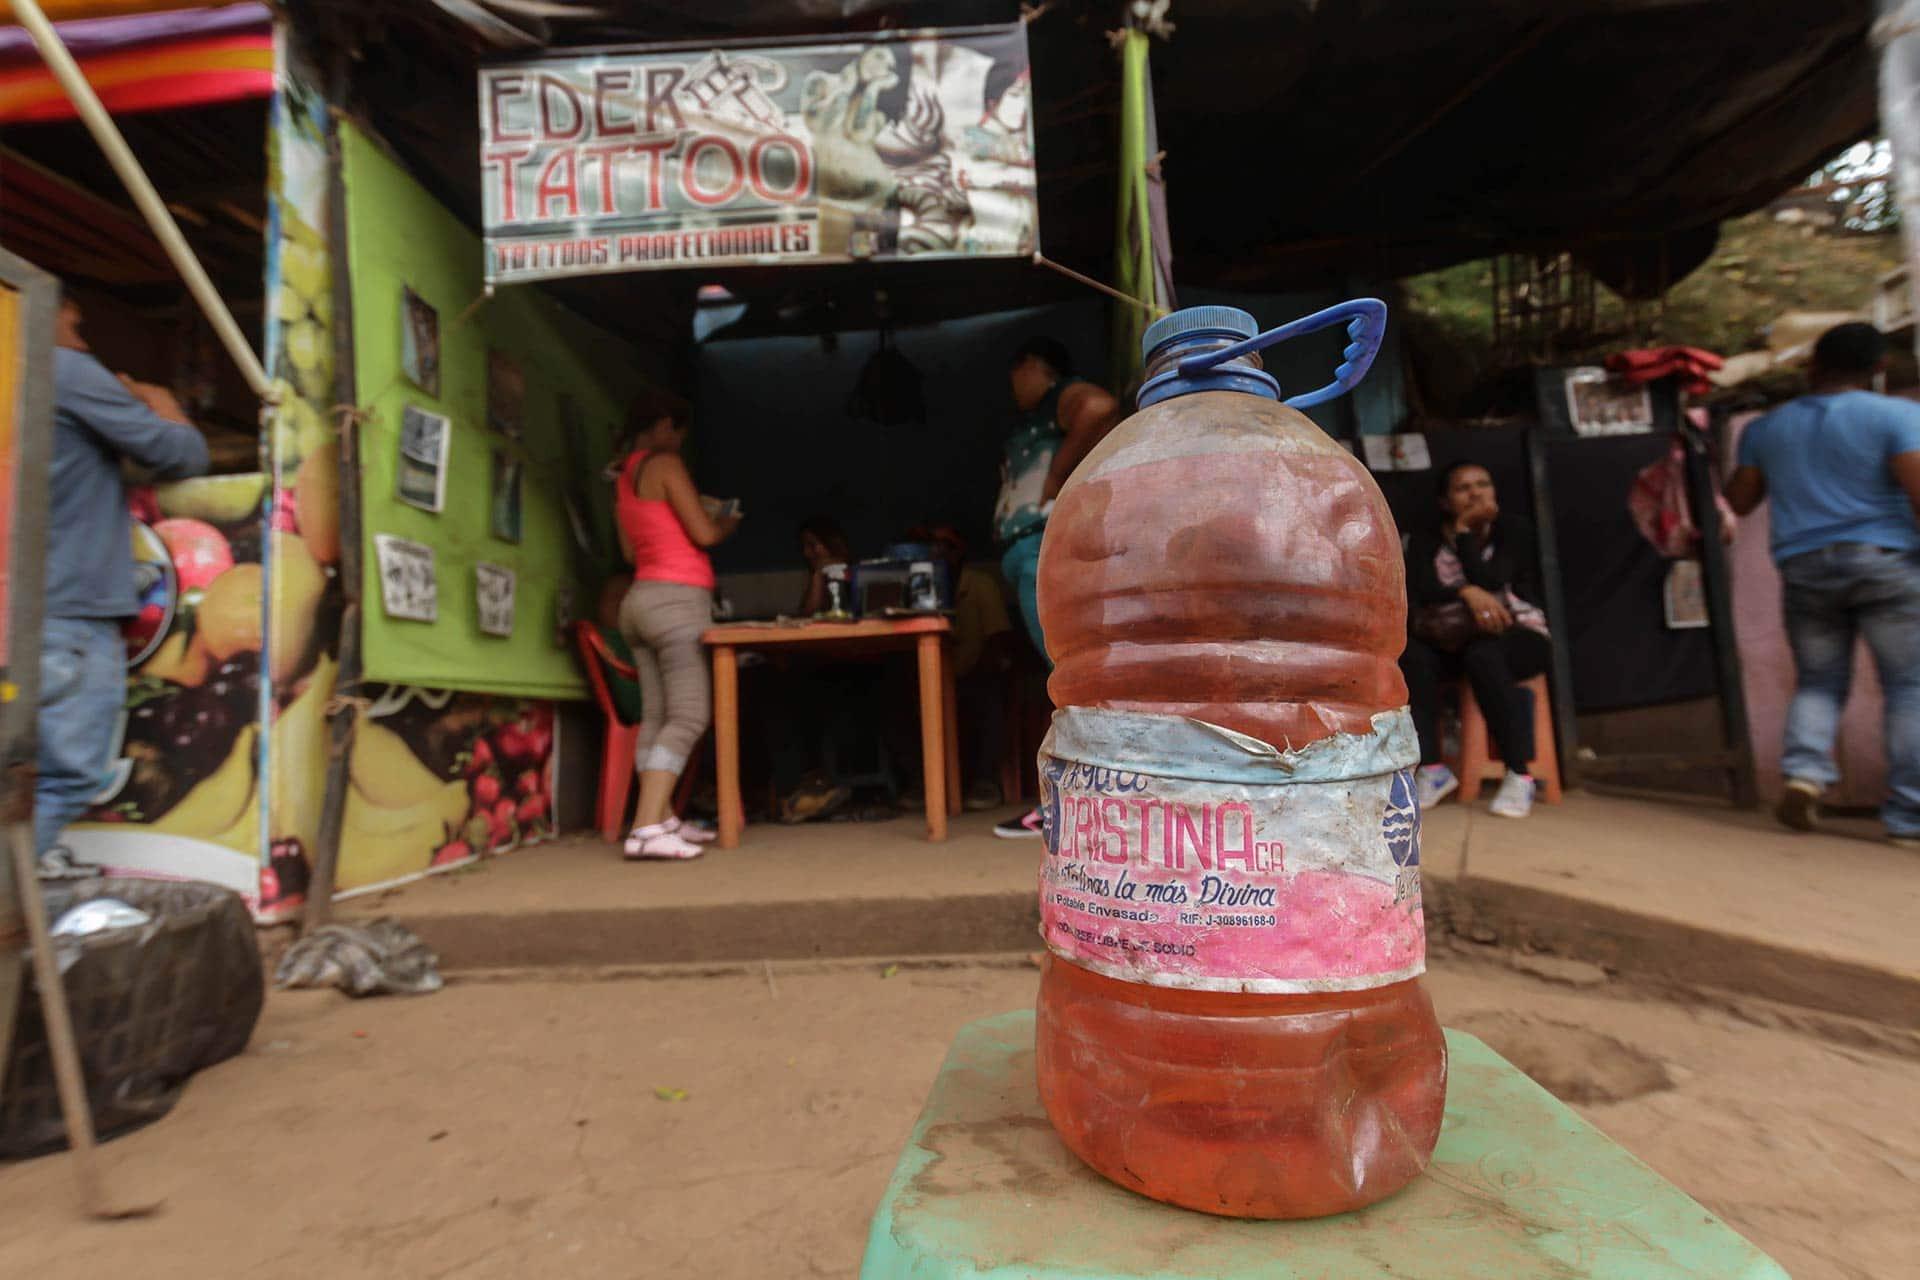 (Pequeños comerciantes venden gasolina en todas partes, desafiando el control militar sobre las ventas de combustible. Crédito: William Urdaneta, OCCRP)